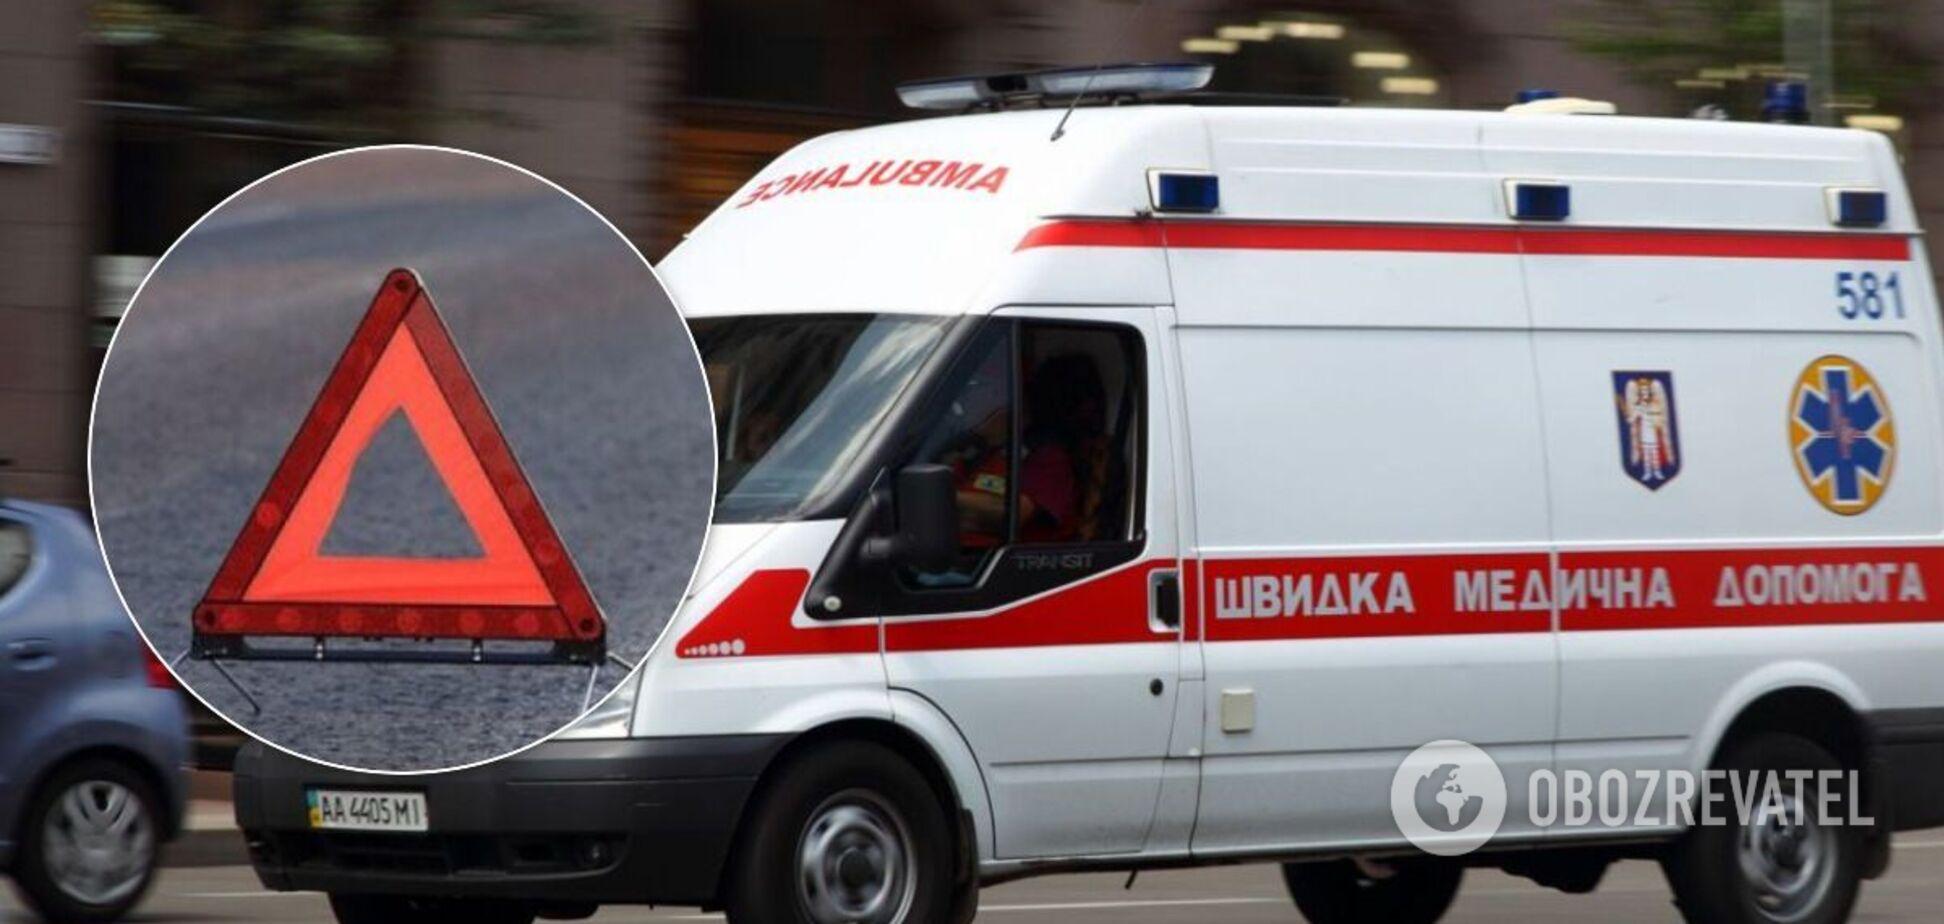 У Києві авто на швидкості влетіло в стовп, є жертви. Фото